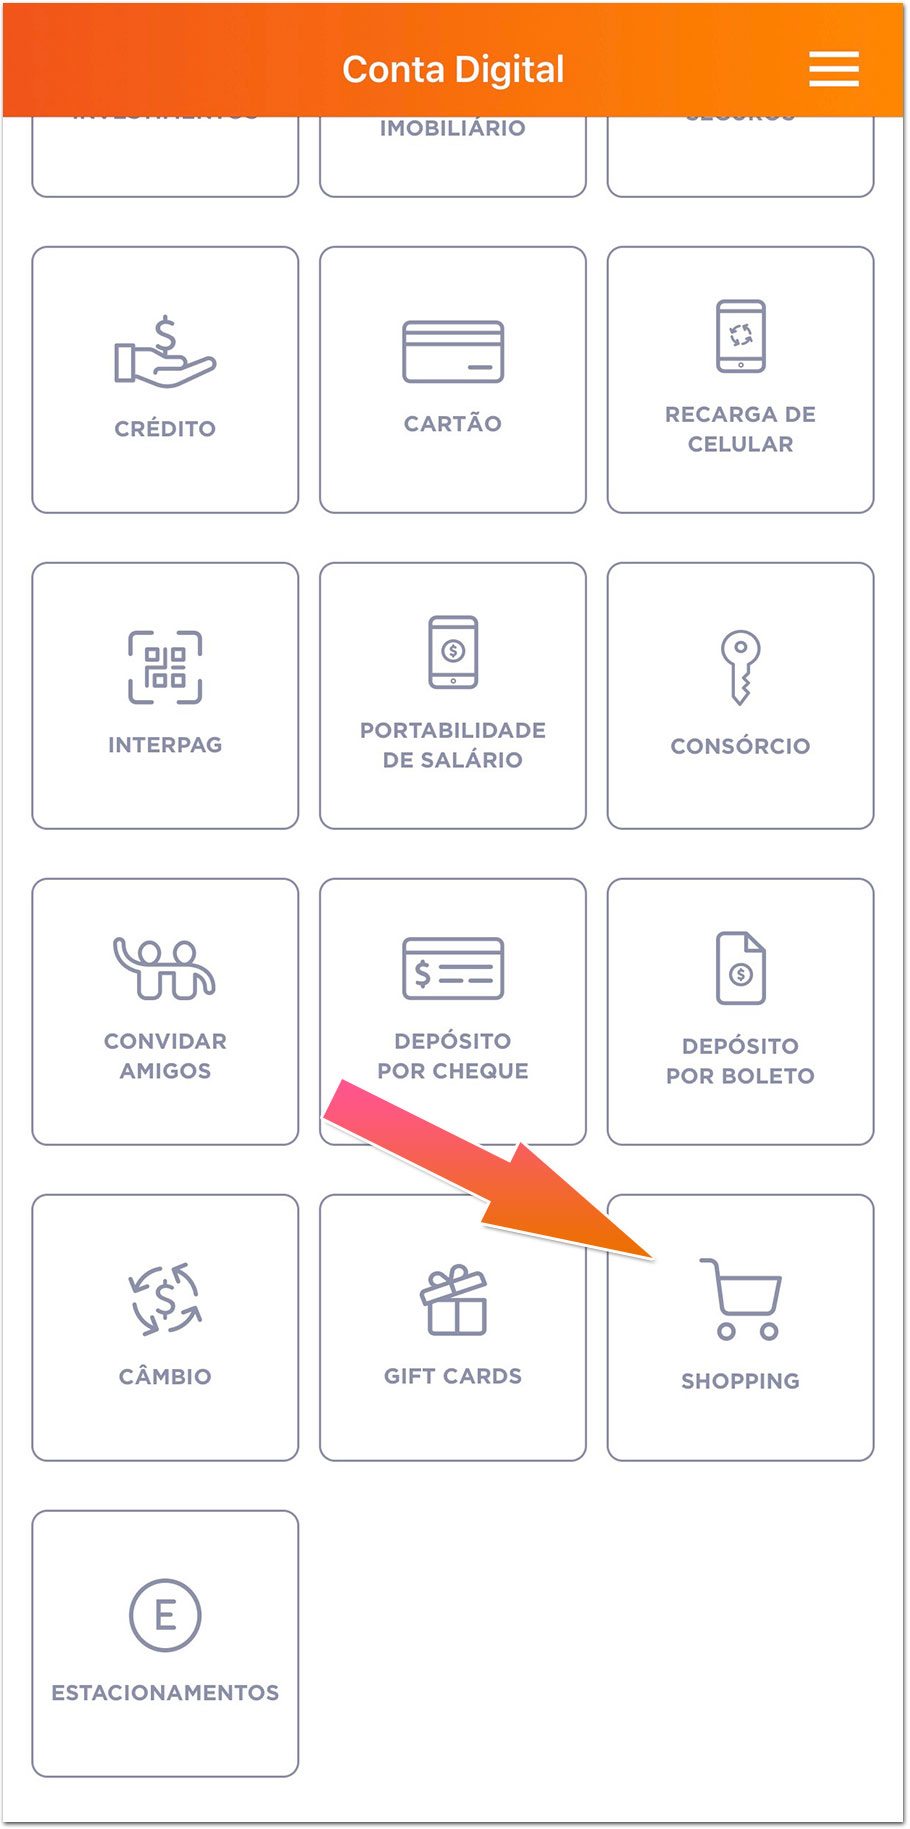 Inter-Shopping Banco Inter passa a oferecer cashback em compras no e-commerce